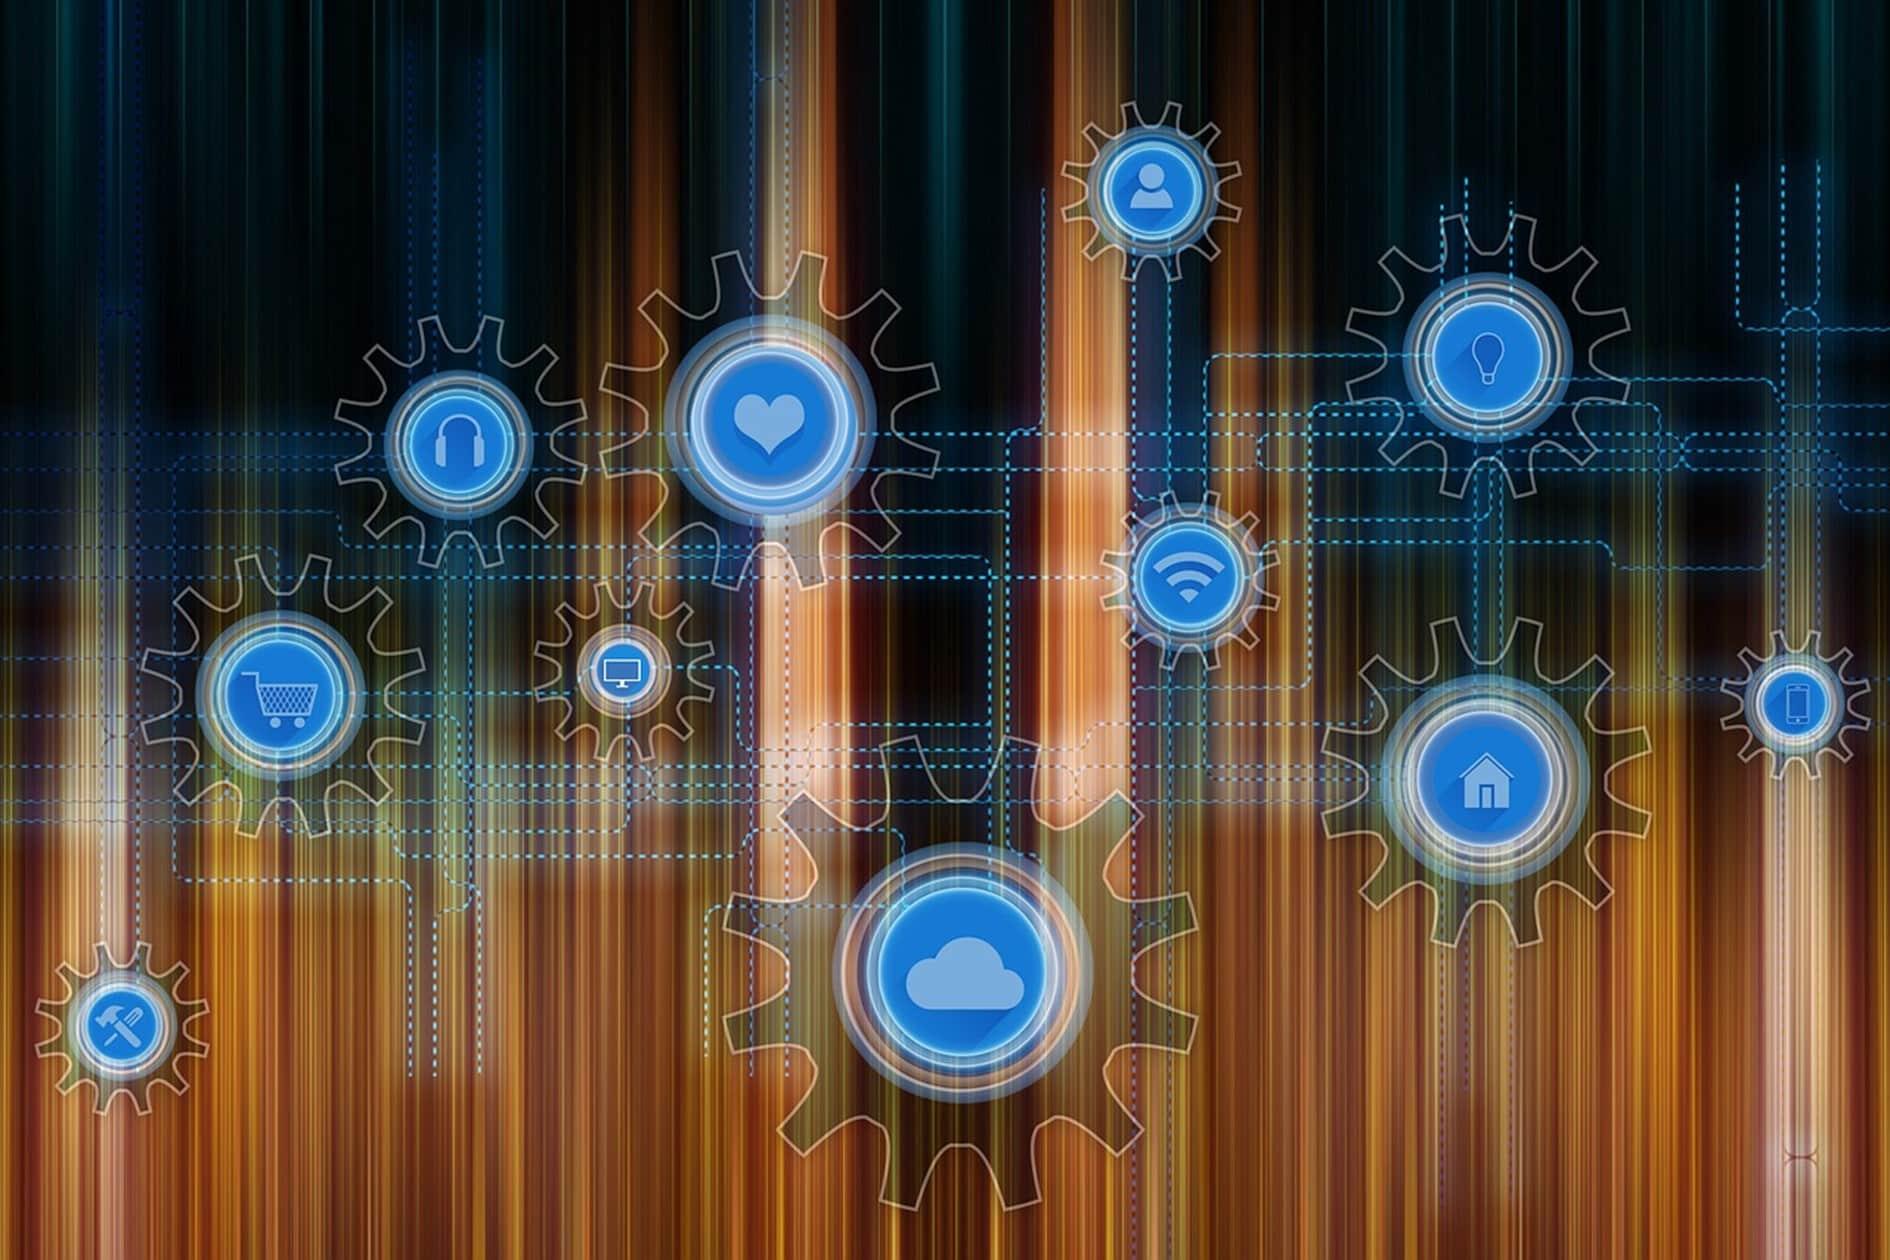 Tendances nouvelles technologies : opération à distance, IA, 5G ?